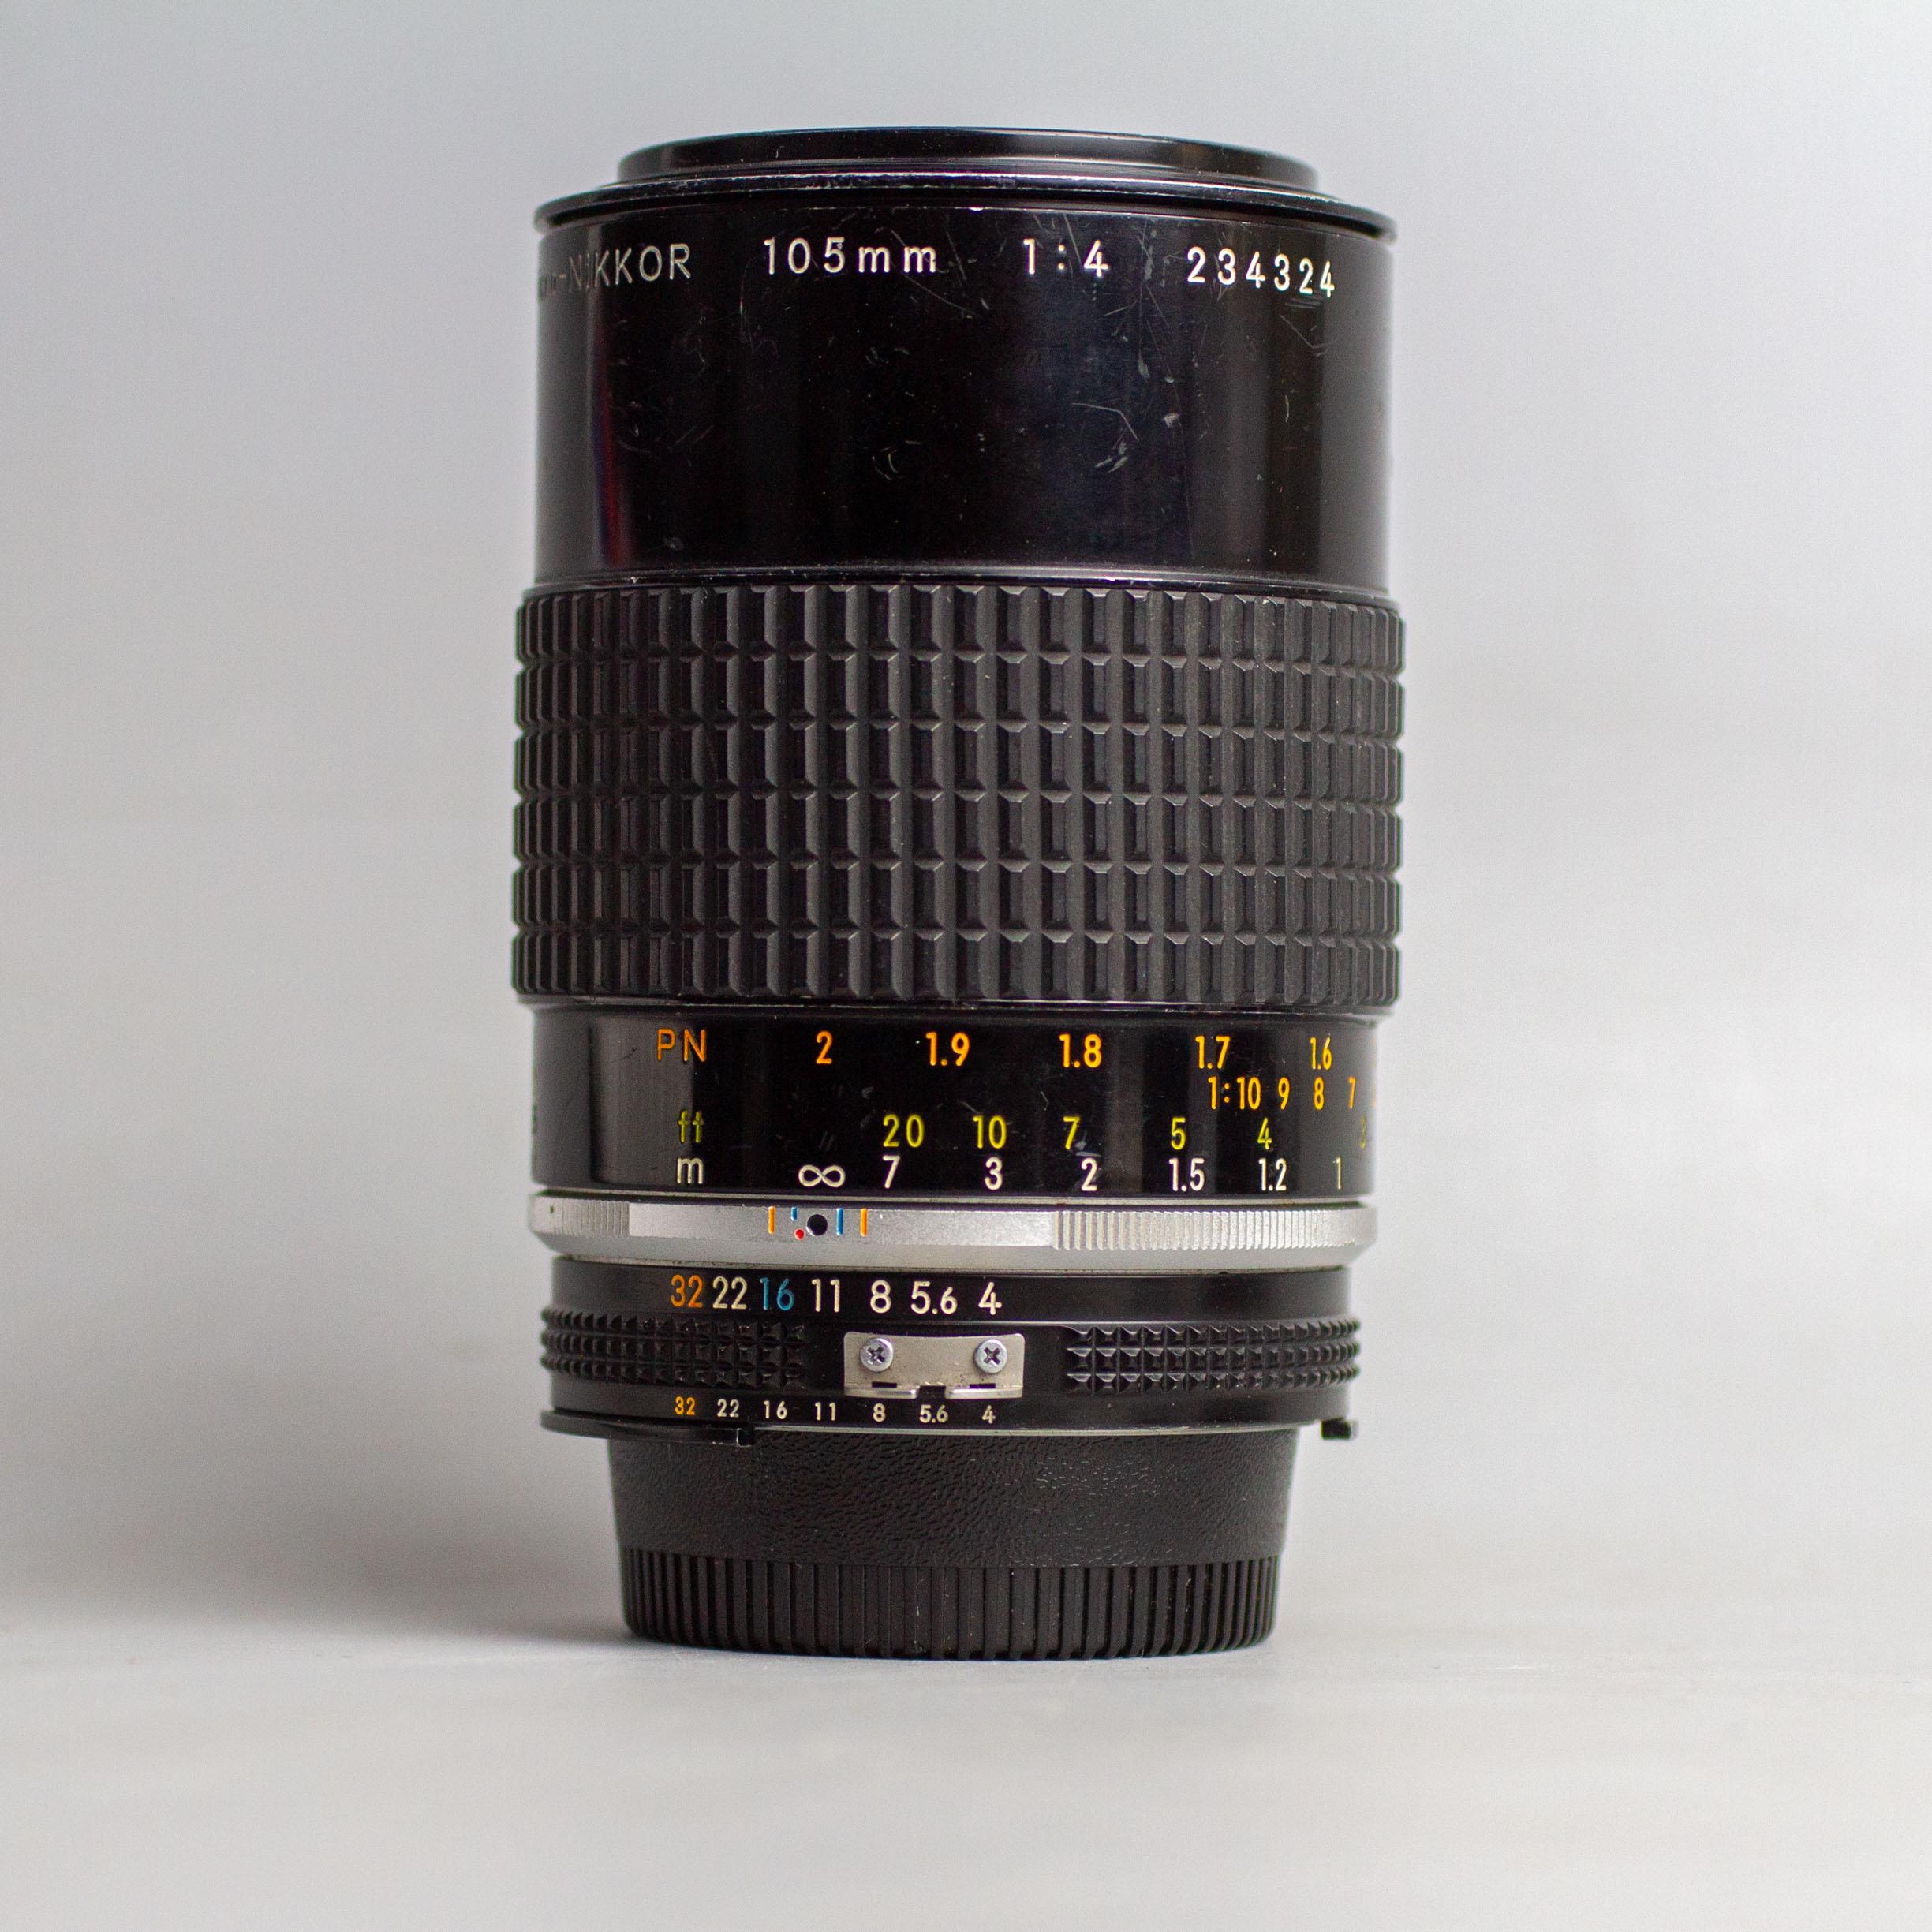 nikon-mf-105mm-f4-0-ais-macro-1-2-105-4-0-16932